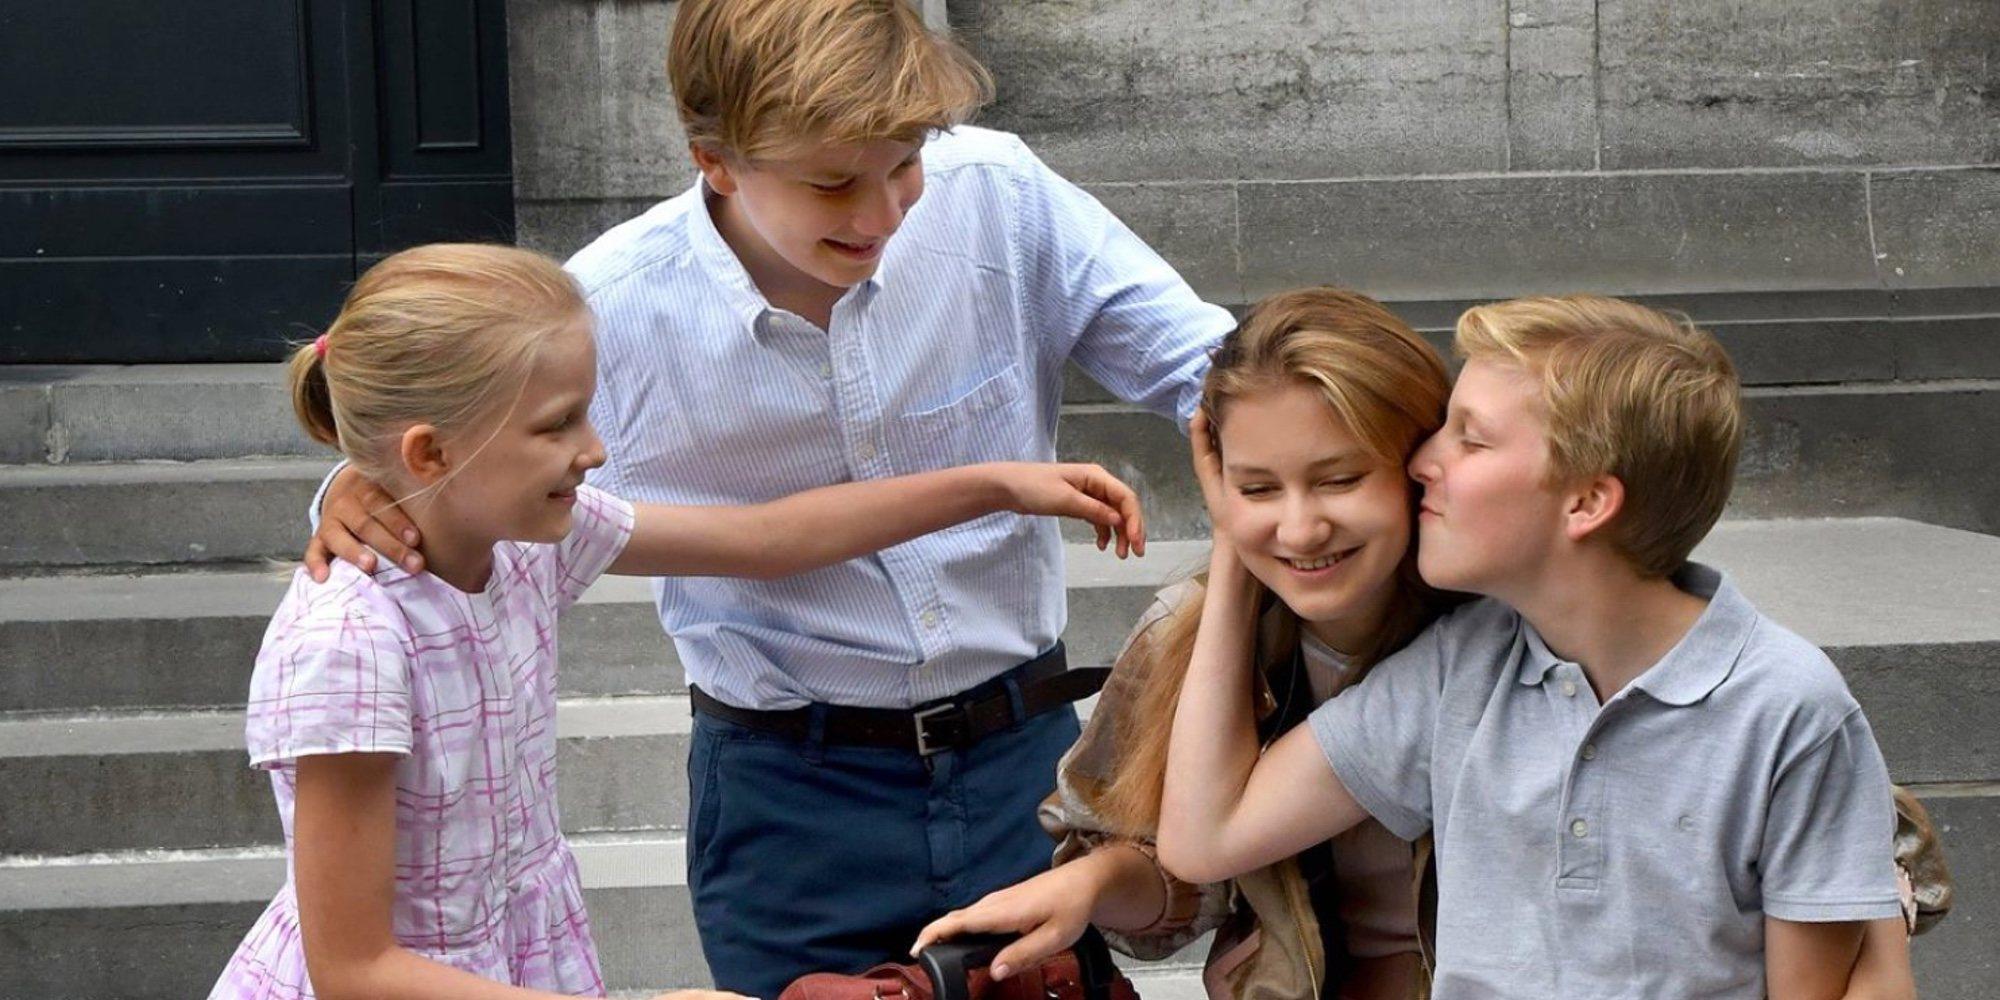 Isabel de Bélgica se despide emocionada de sus hermanos al marcharse a estudiar a Reino Unido